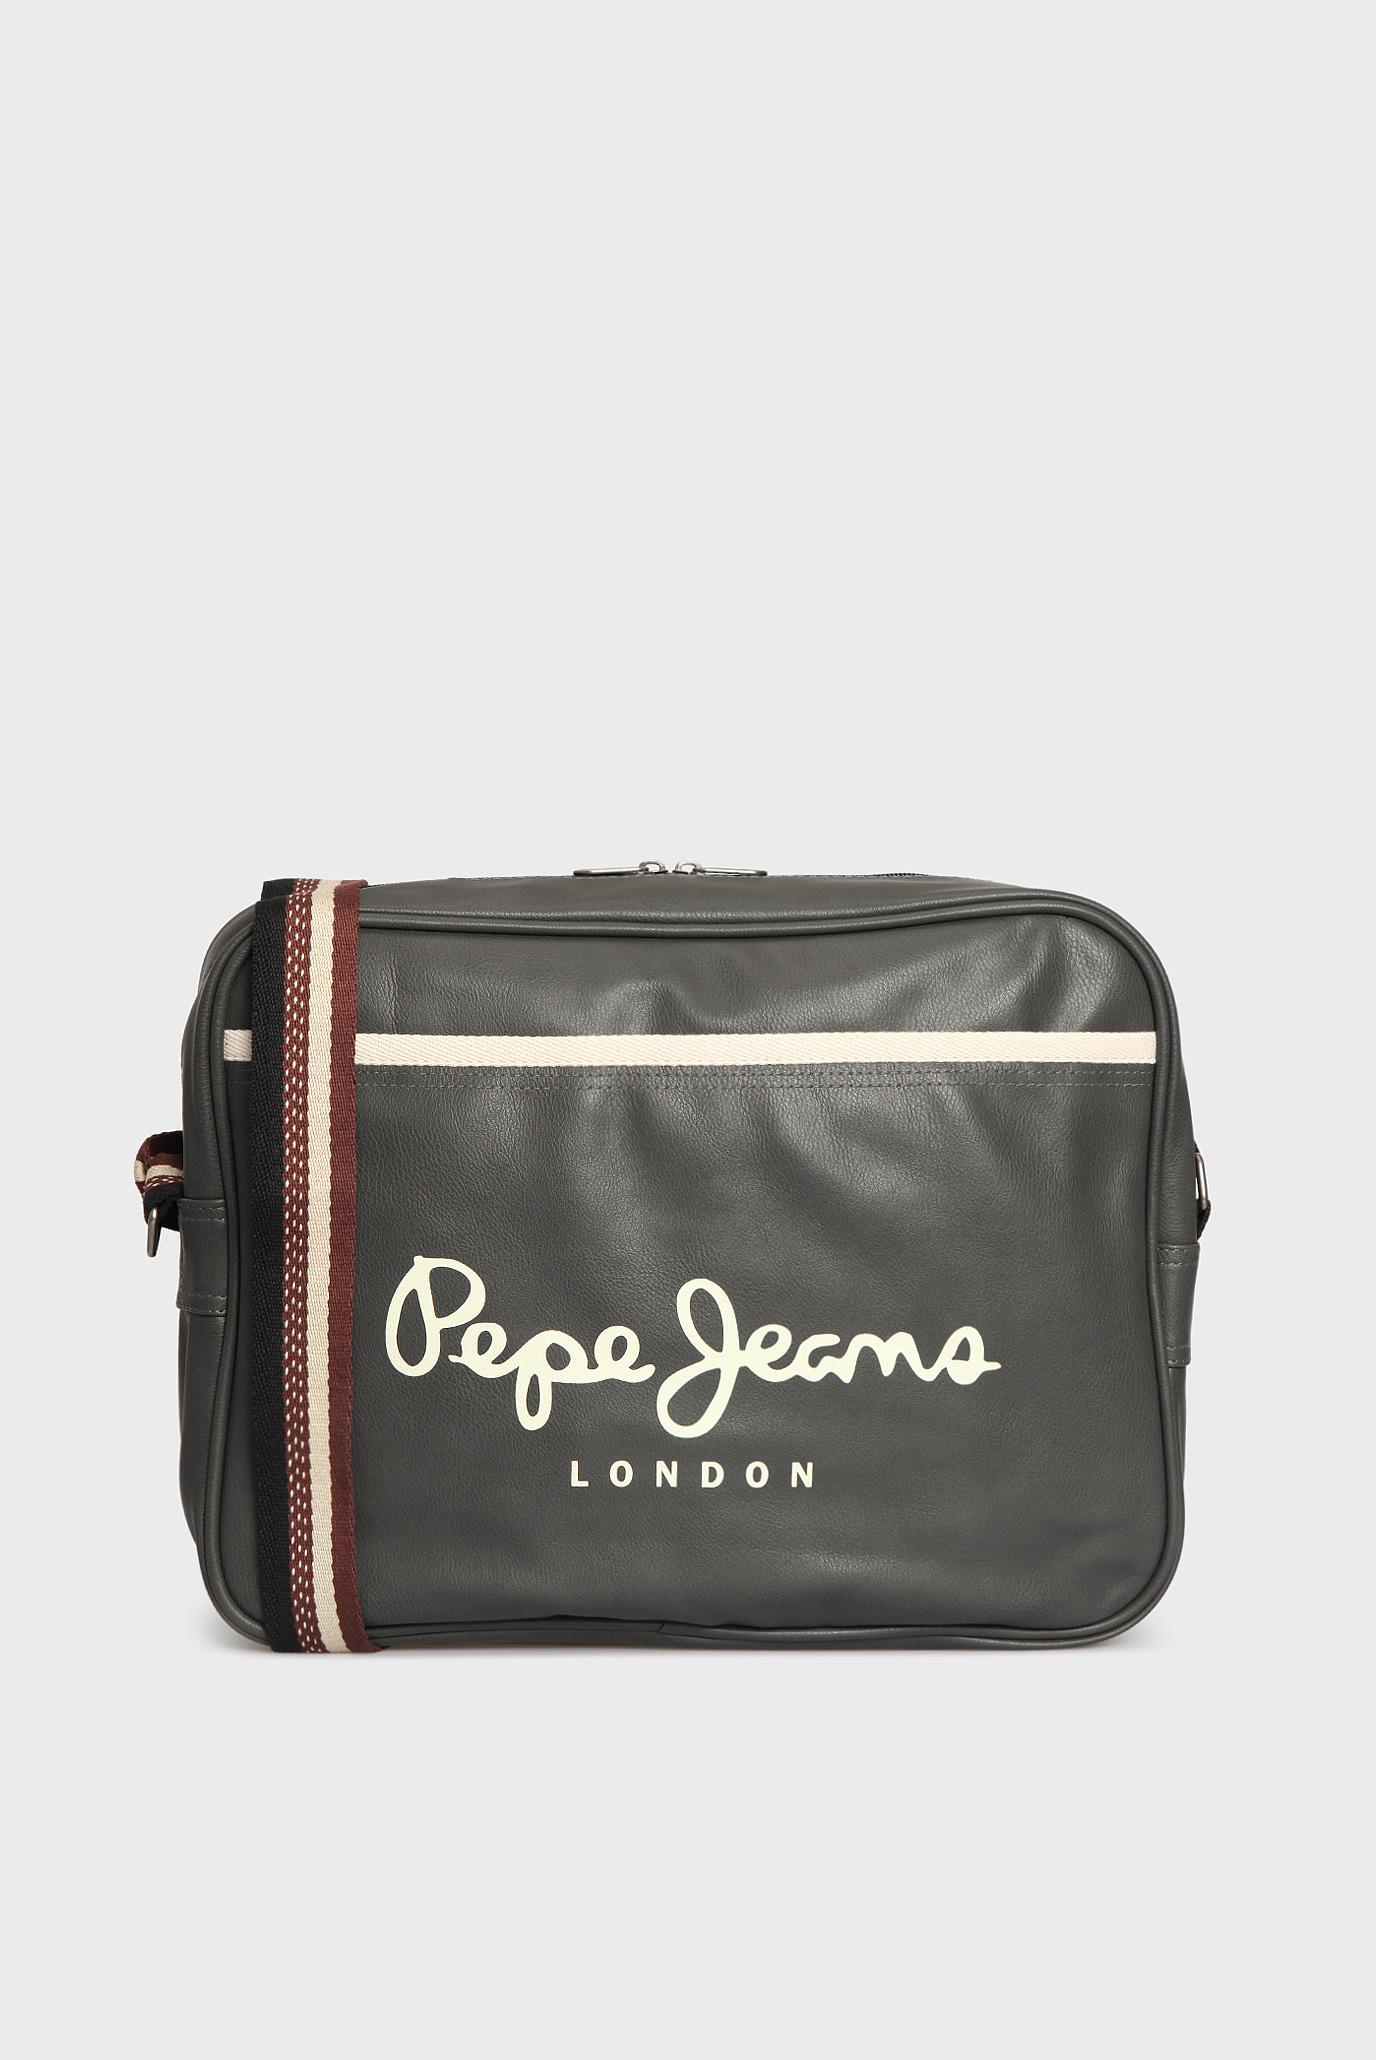 Купить Мужская серая сумка через плечо Pepe Jeans Pepe Jeans PM030466 – Киев,  Украина. Цены в интернет магазине ... dbeb95ca5b1